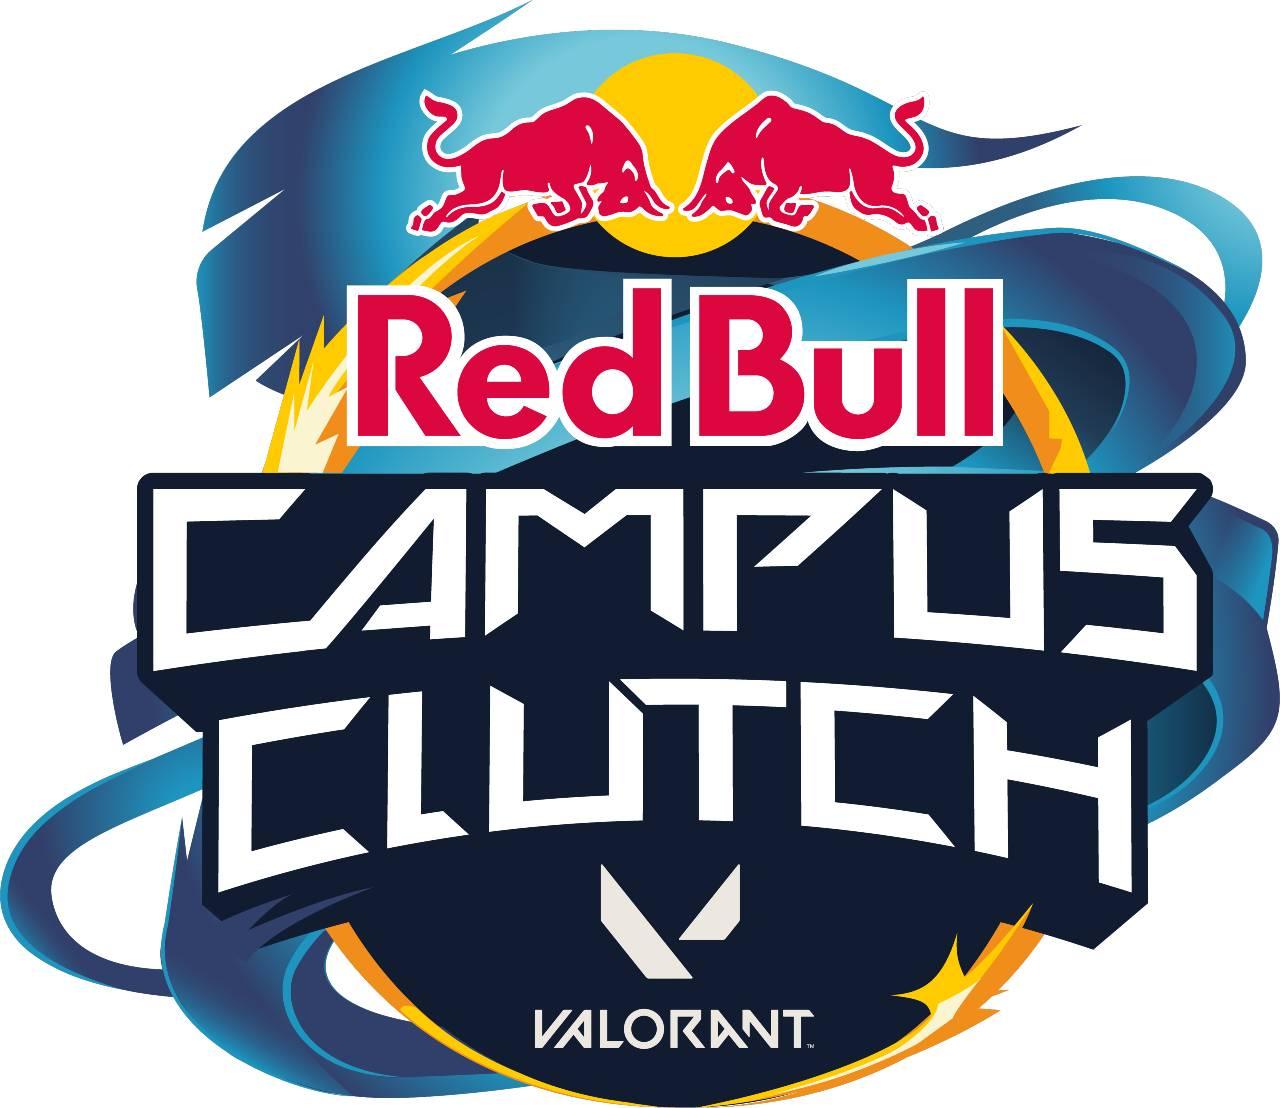 Gli FDP University si aggiudicano il quarto turno dei Qualifier del Red Bull Campus Clutch